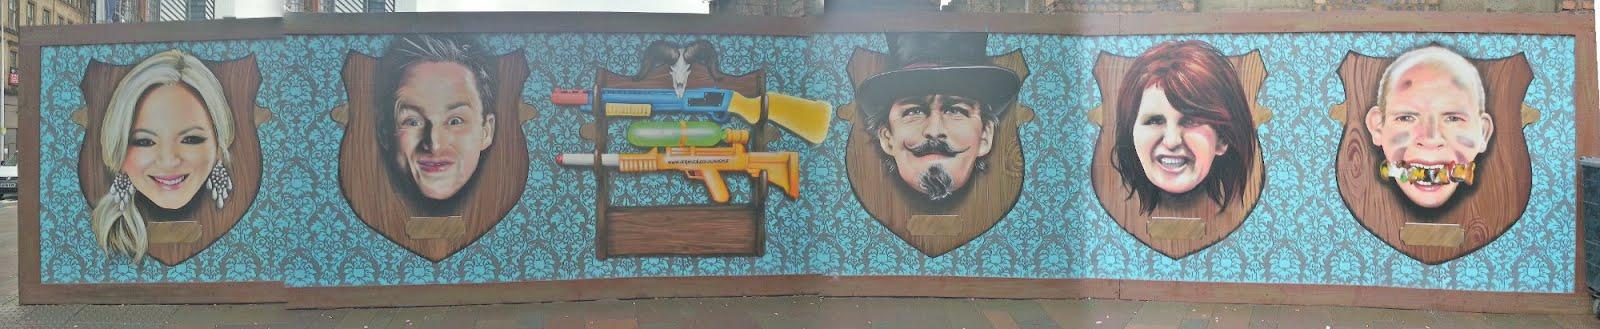 Argyle St Mural, Glasgow